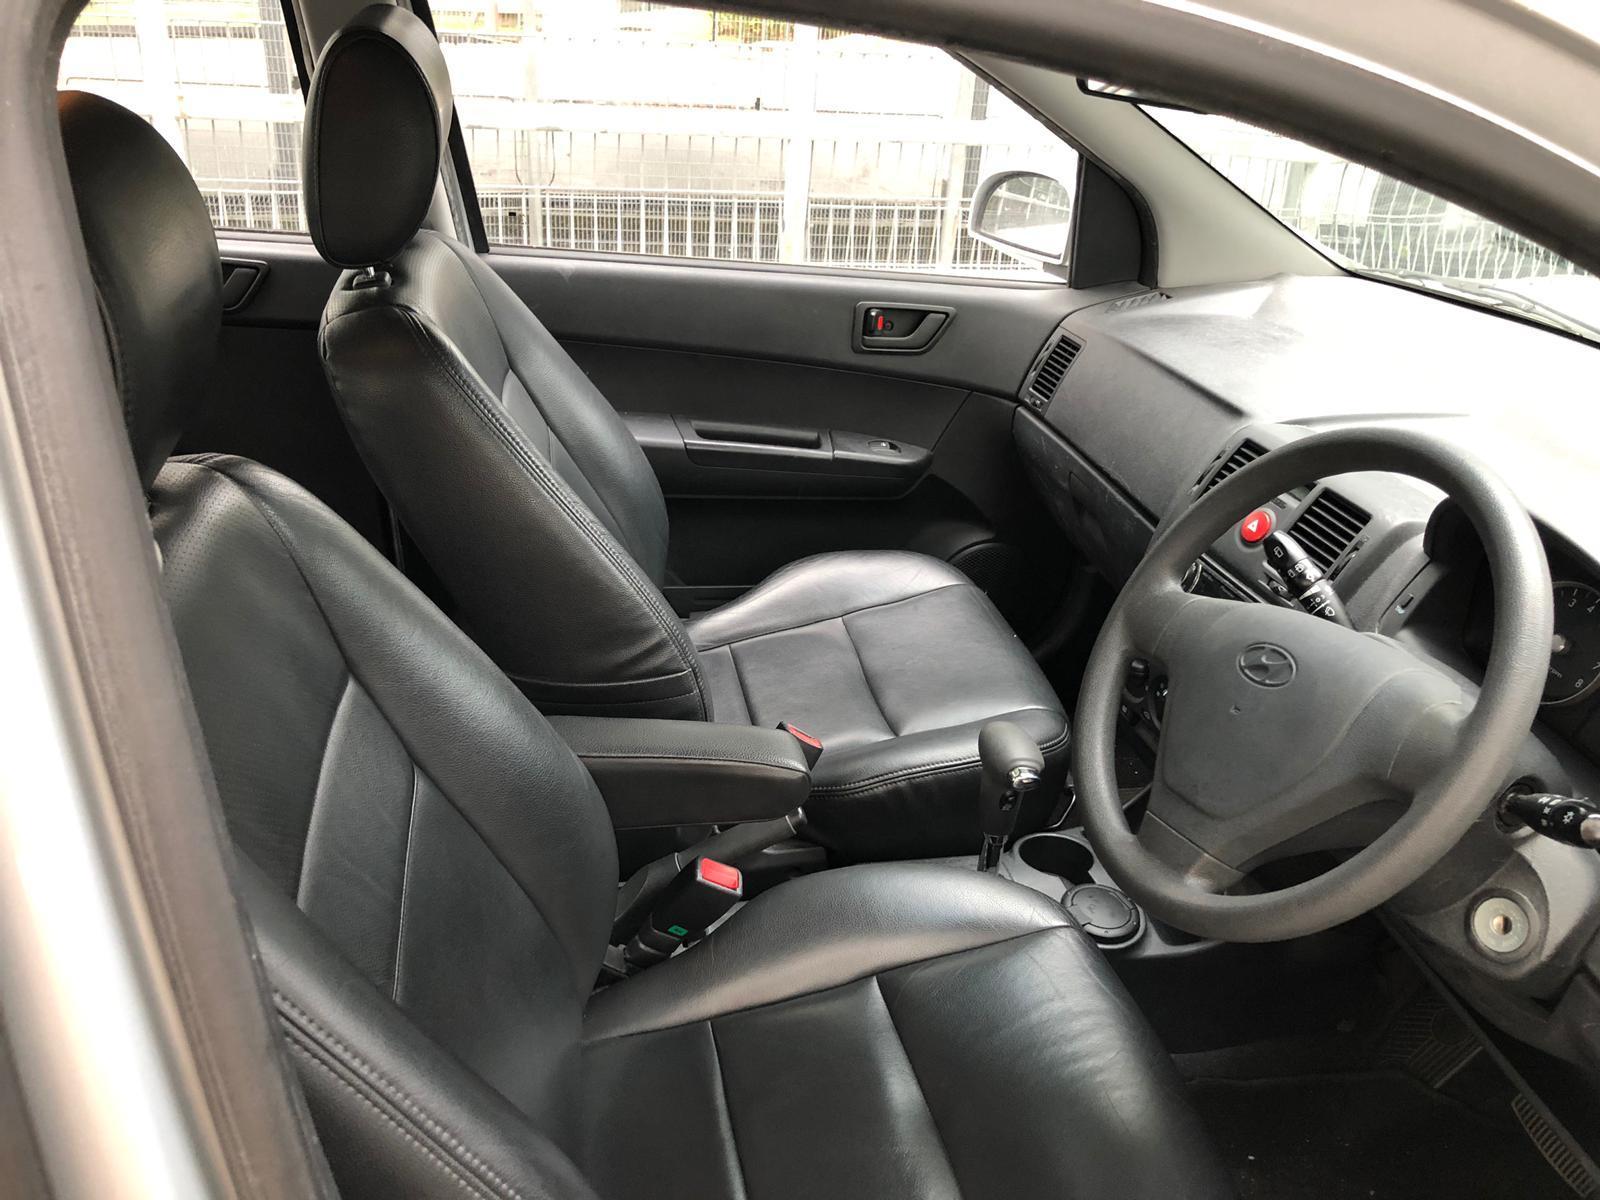 Hyundai Getz 1.3a rent cheap for PHV n personal use.